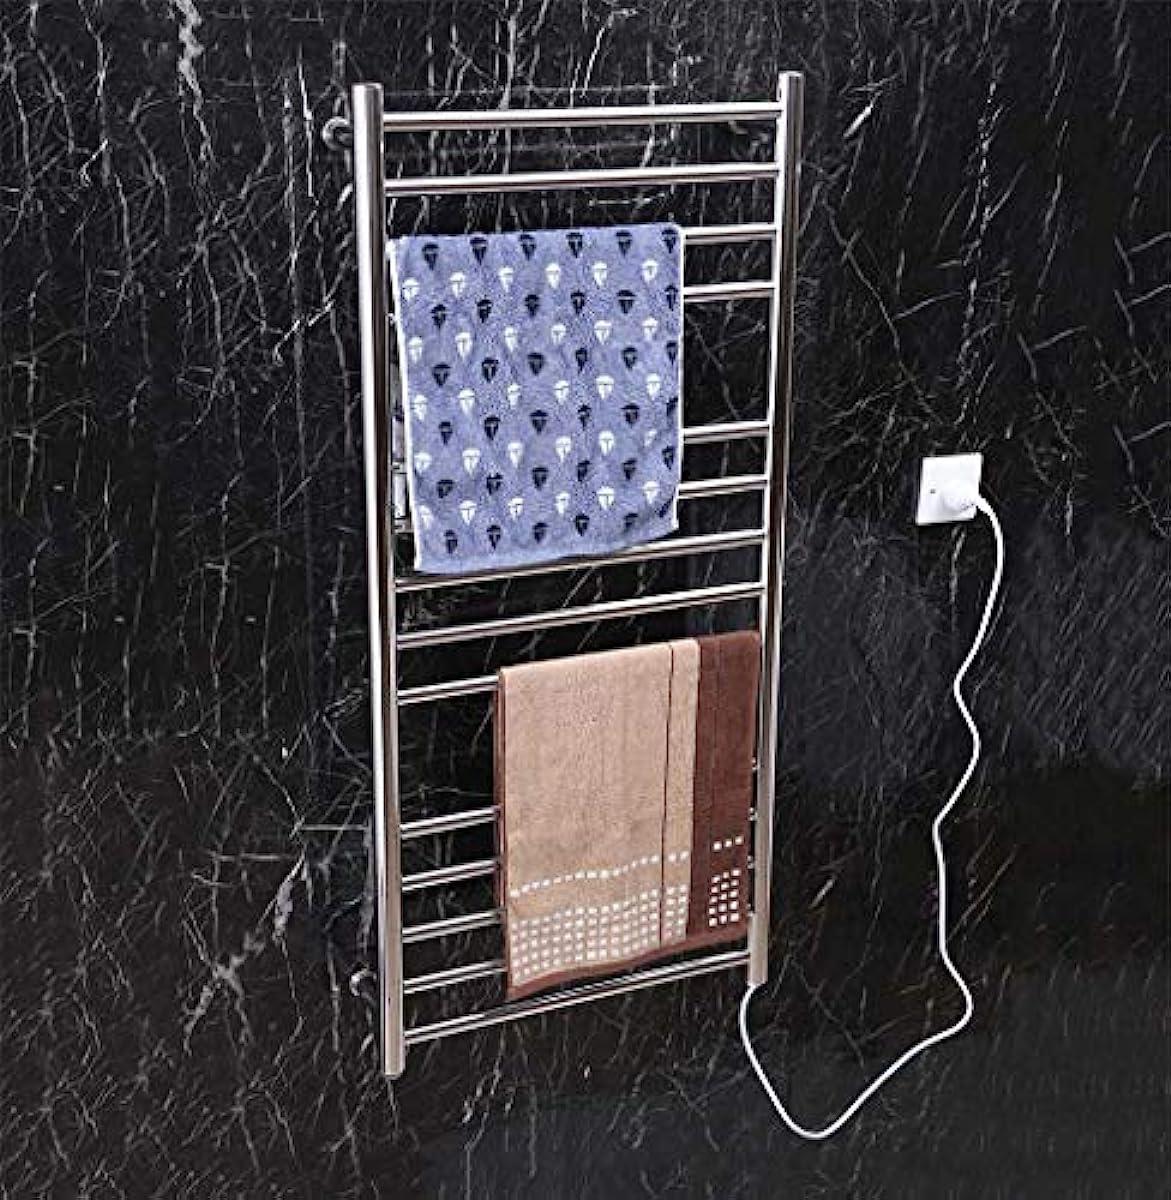 ペルメル晩餐シェードスマート電気タオルウォーマー、304ステンレススチール壁掛け電気タオルラジエーター、家庭用ホテルのバスルームシェルフ、1100X520X120mm